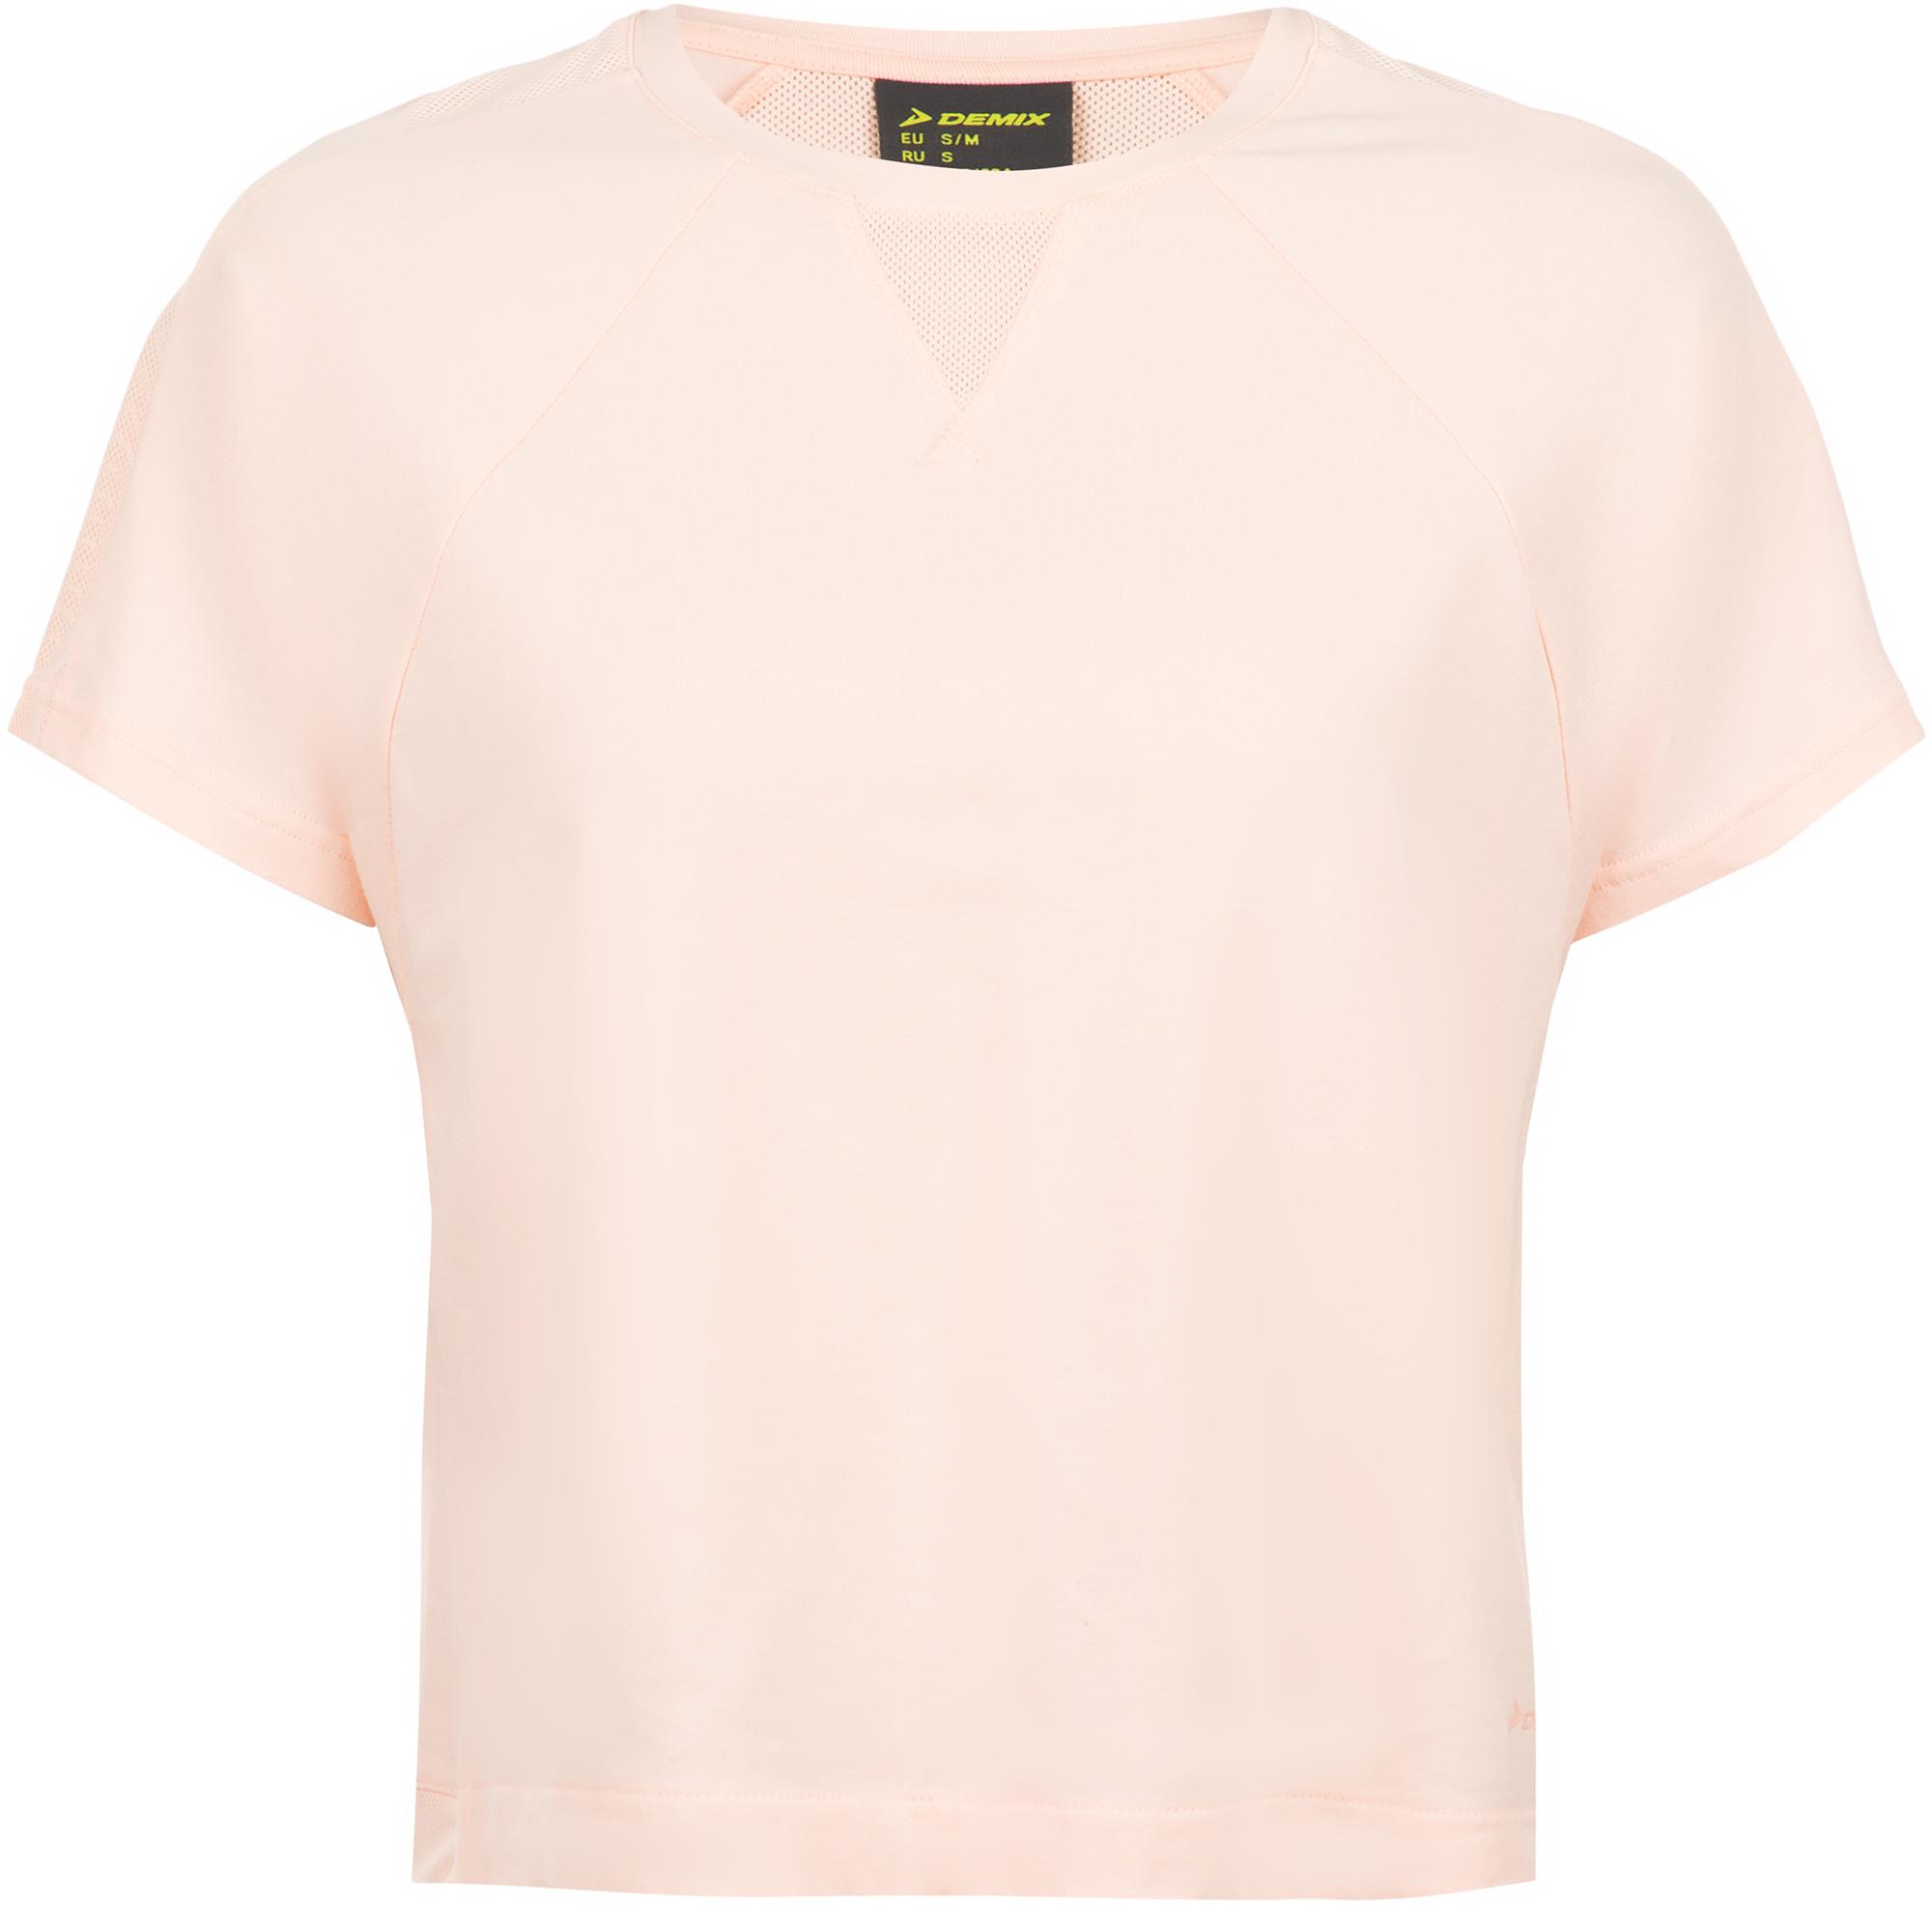 футболка женская oodji ultra цвет бежево розовый 14701005 7b 46147 4b00n размер s 44 Demix Футболка женская Demix, размер 44